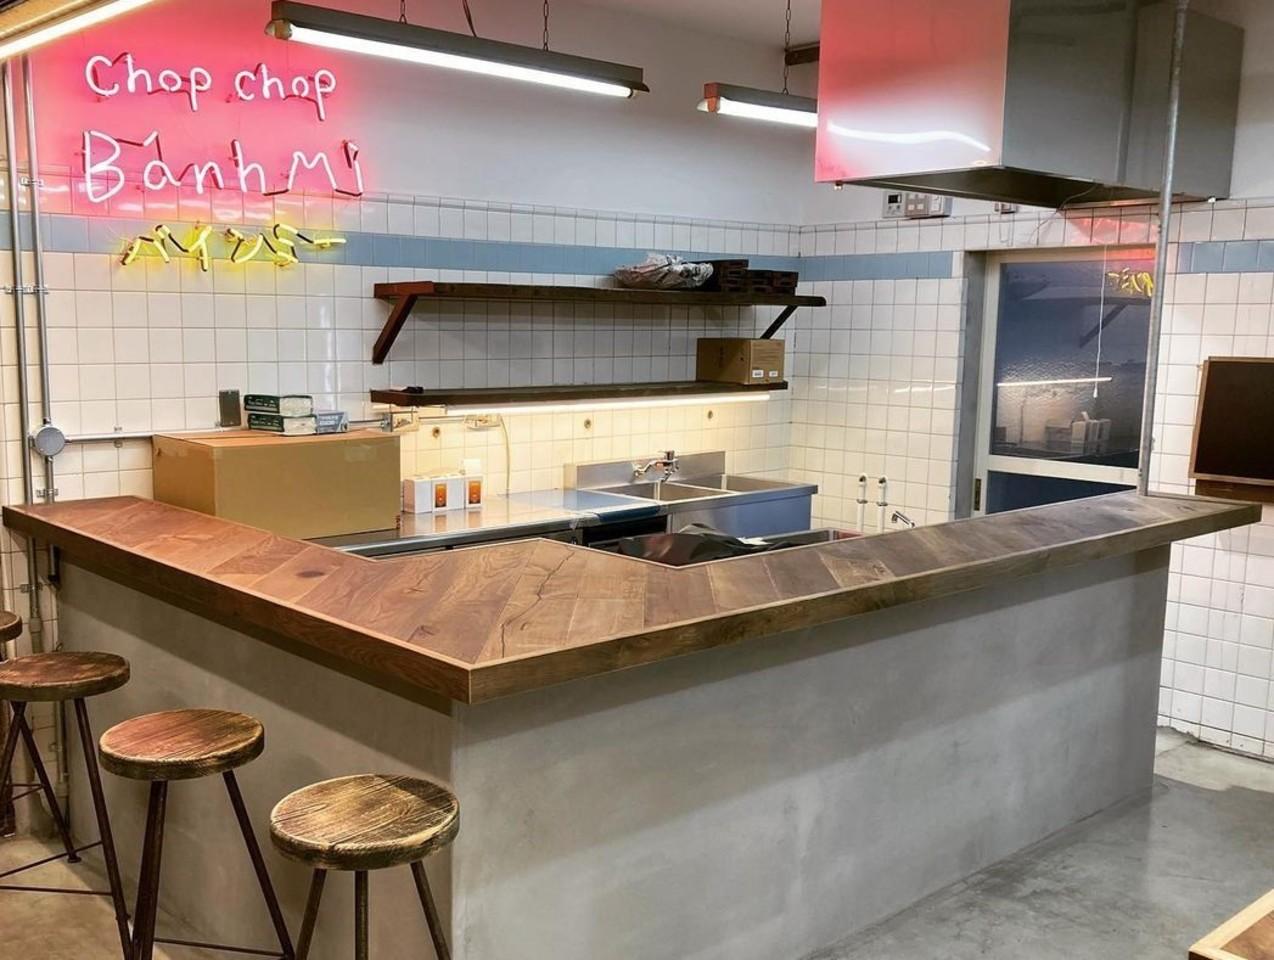 京都府宇治市宇治妙楽に「チョップチョップバインミー」が本日よりプレオープンのようです。